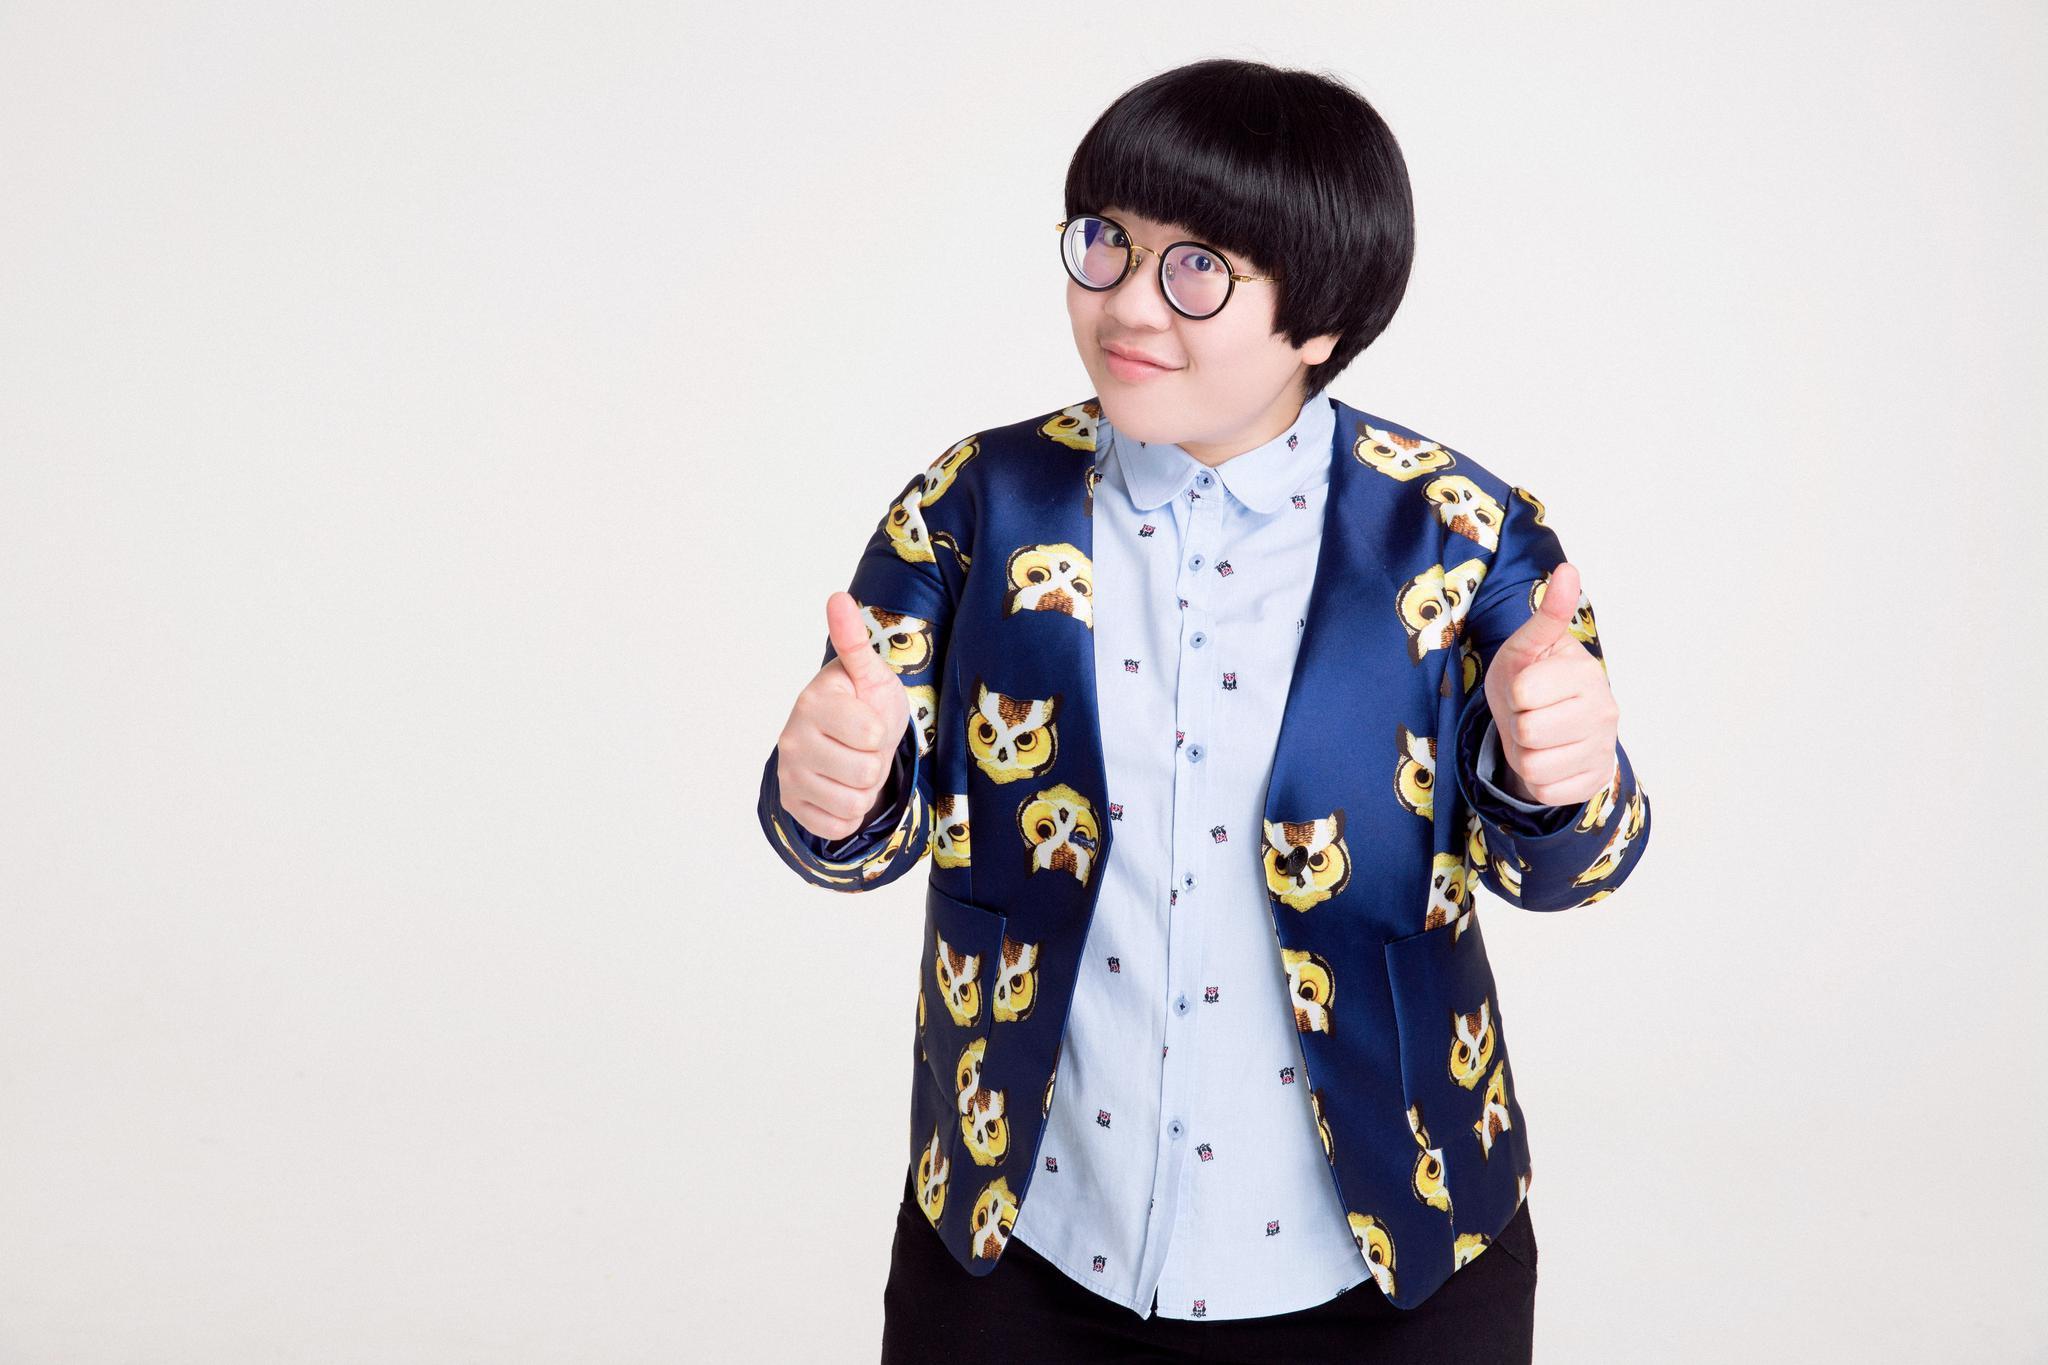 韩国童装daowafushi 颜如晶:《奇葩说》里,我就是个好用的配角